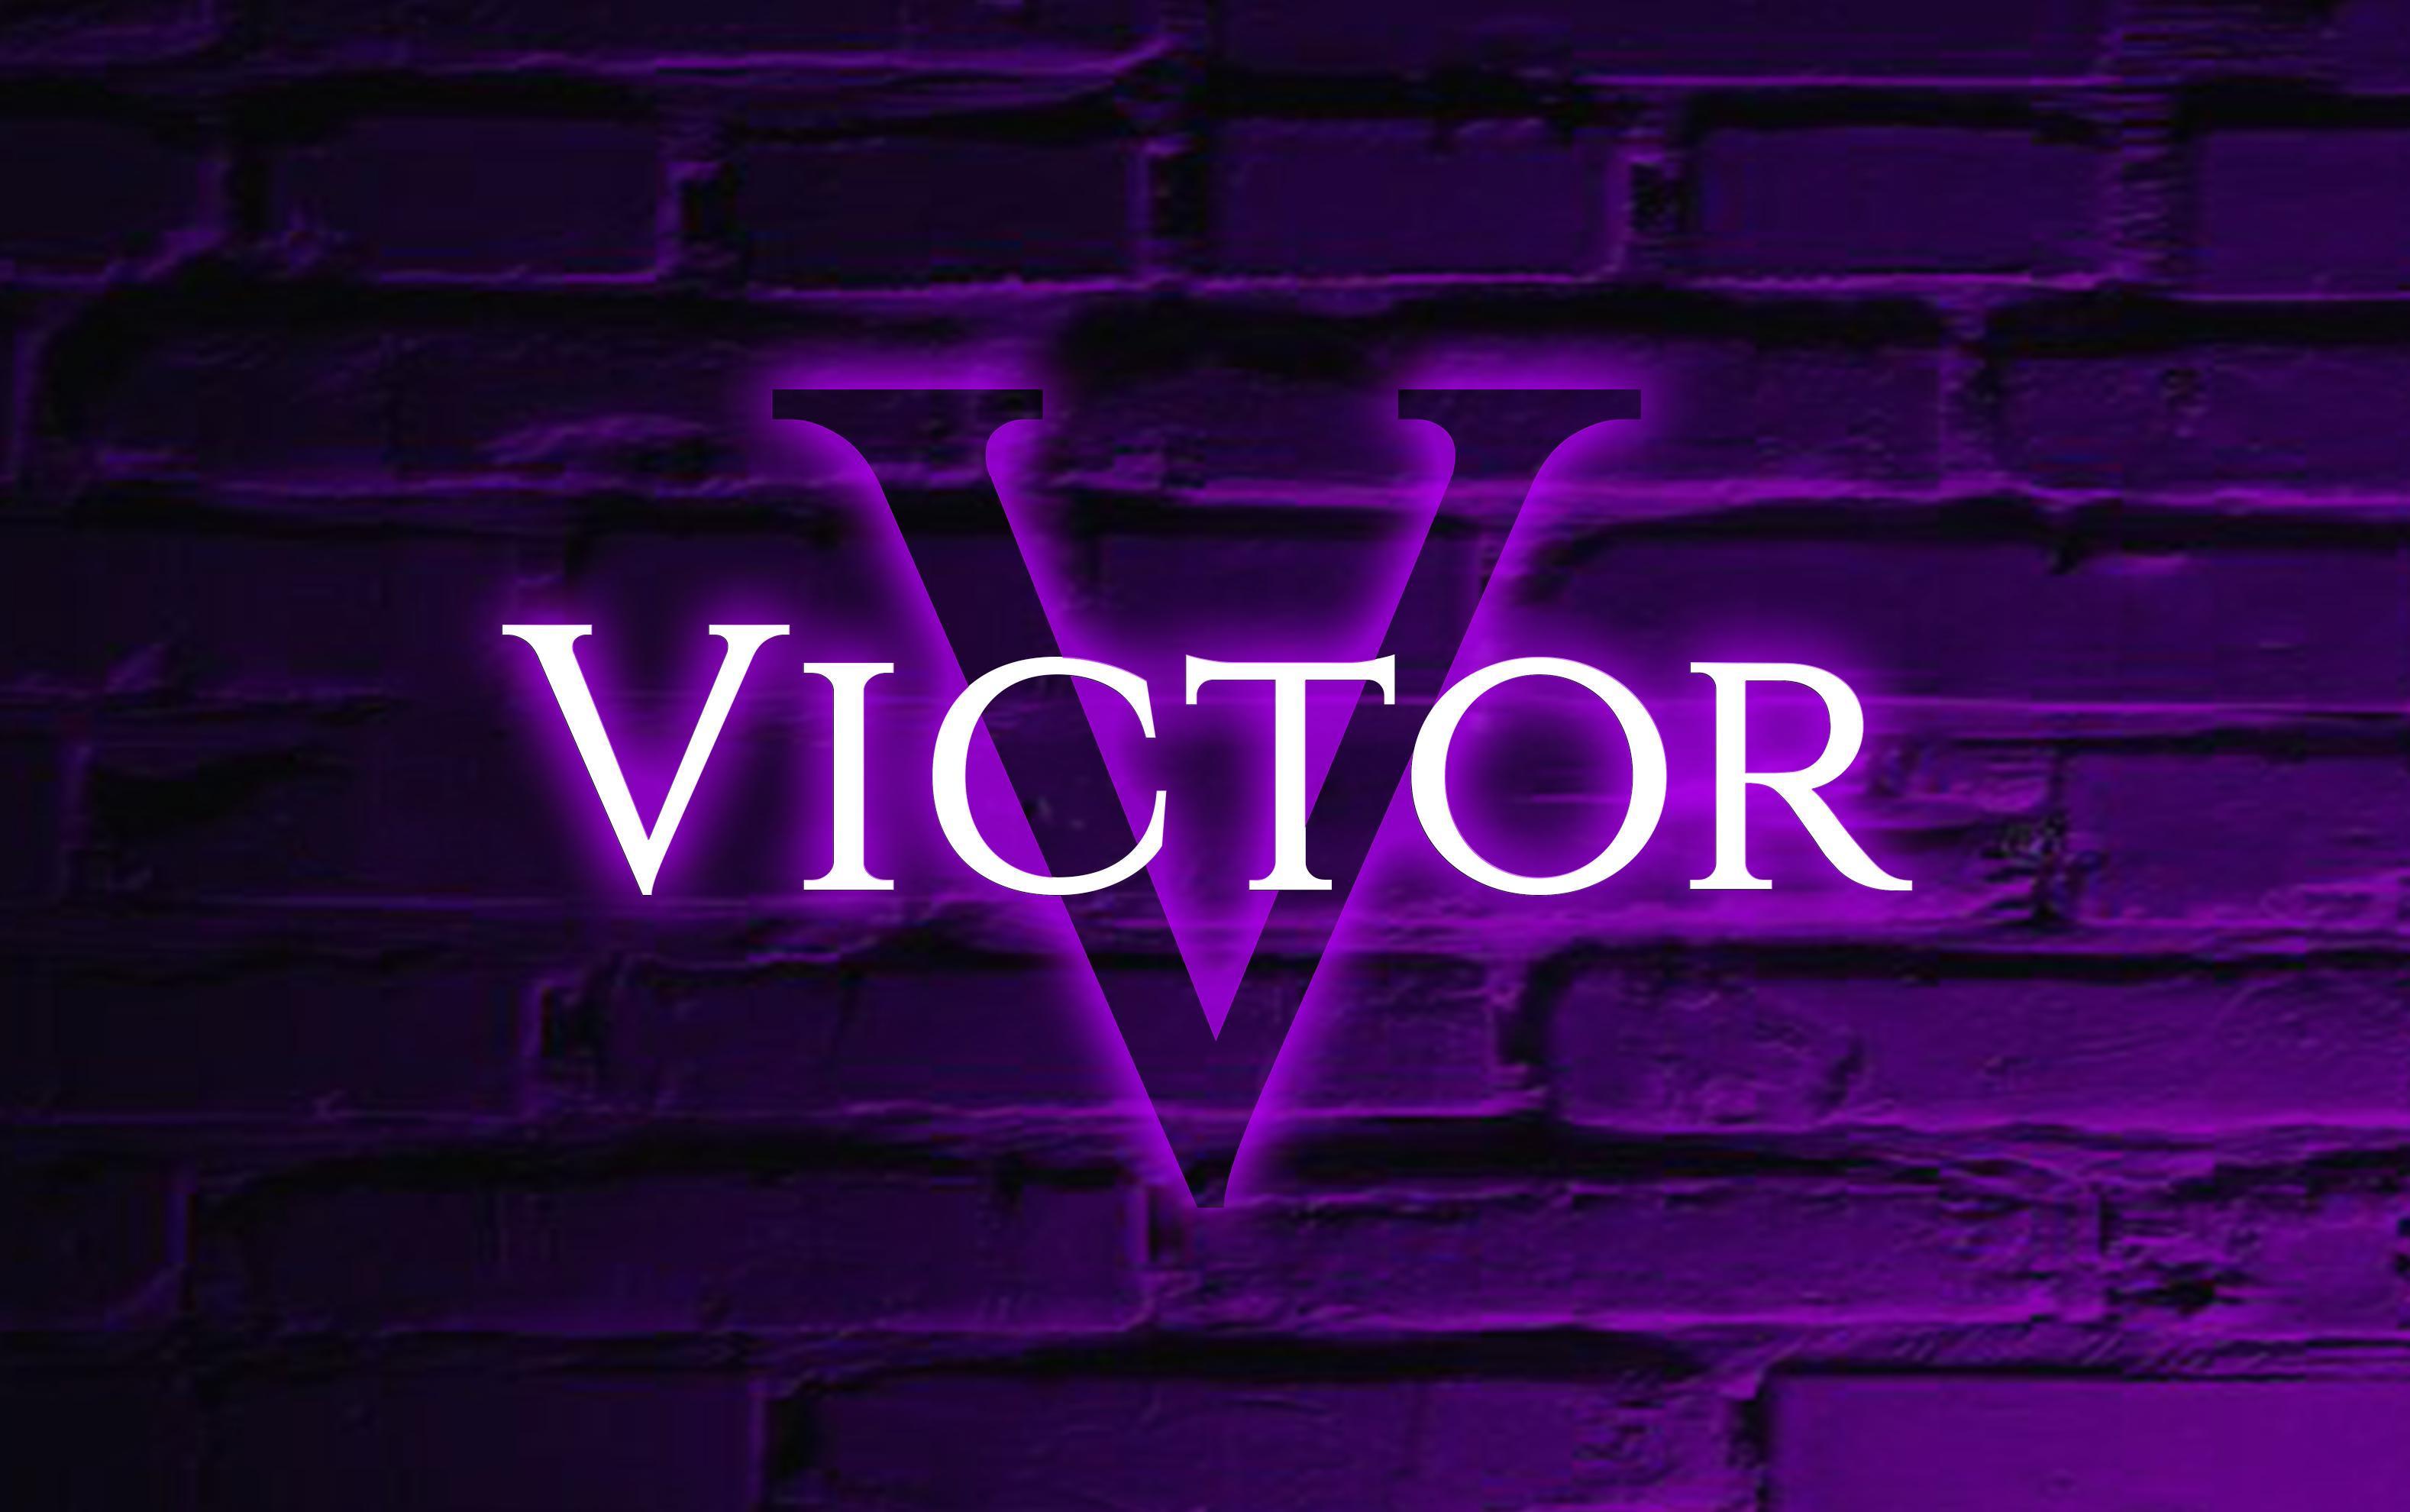 Victorzoecl?s=ggxarcgy6tv9qzeoxqvrz0tilbtnpqoqfxll2estq98=